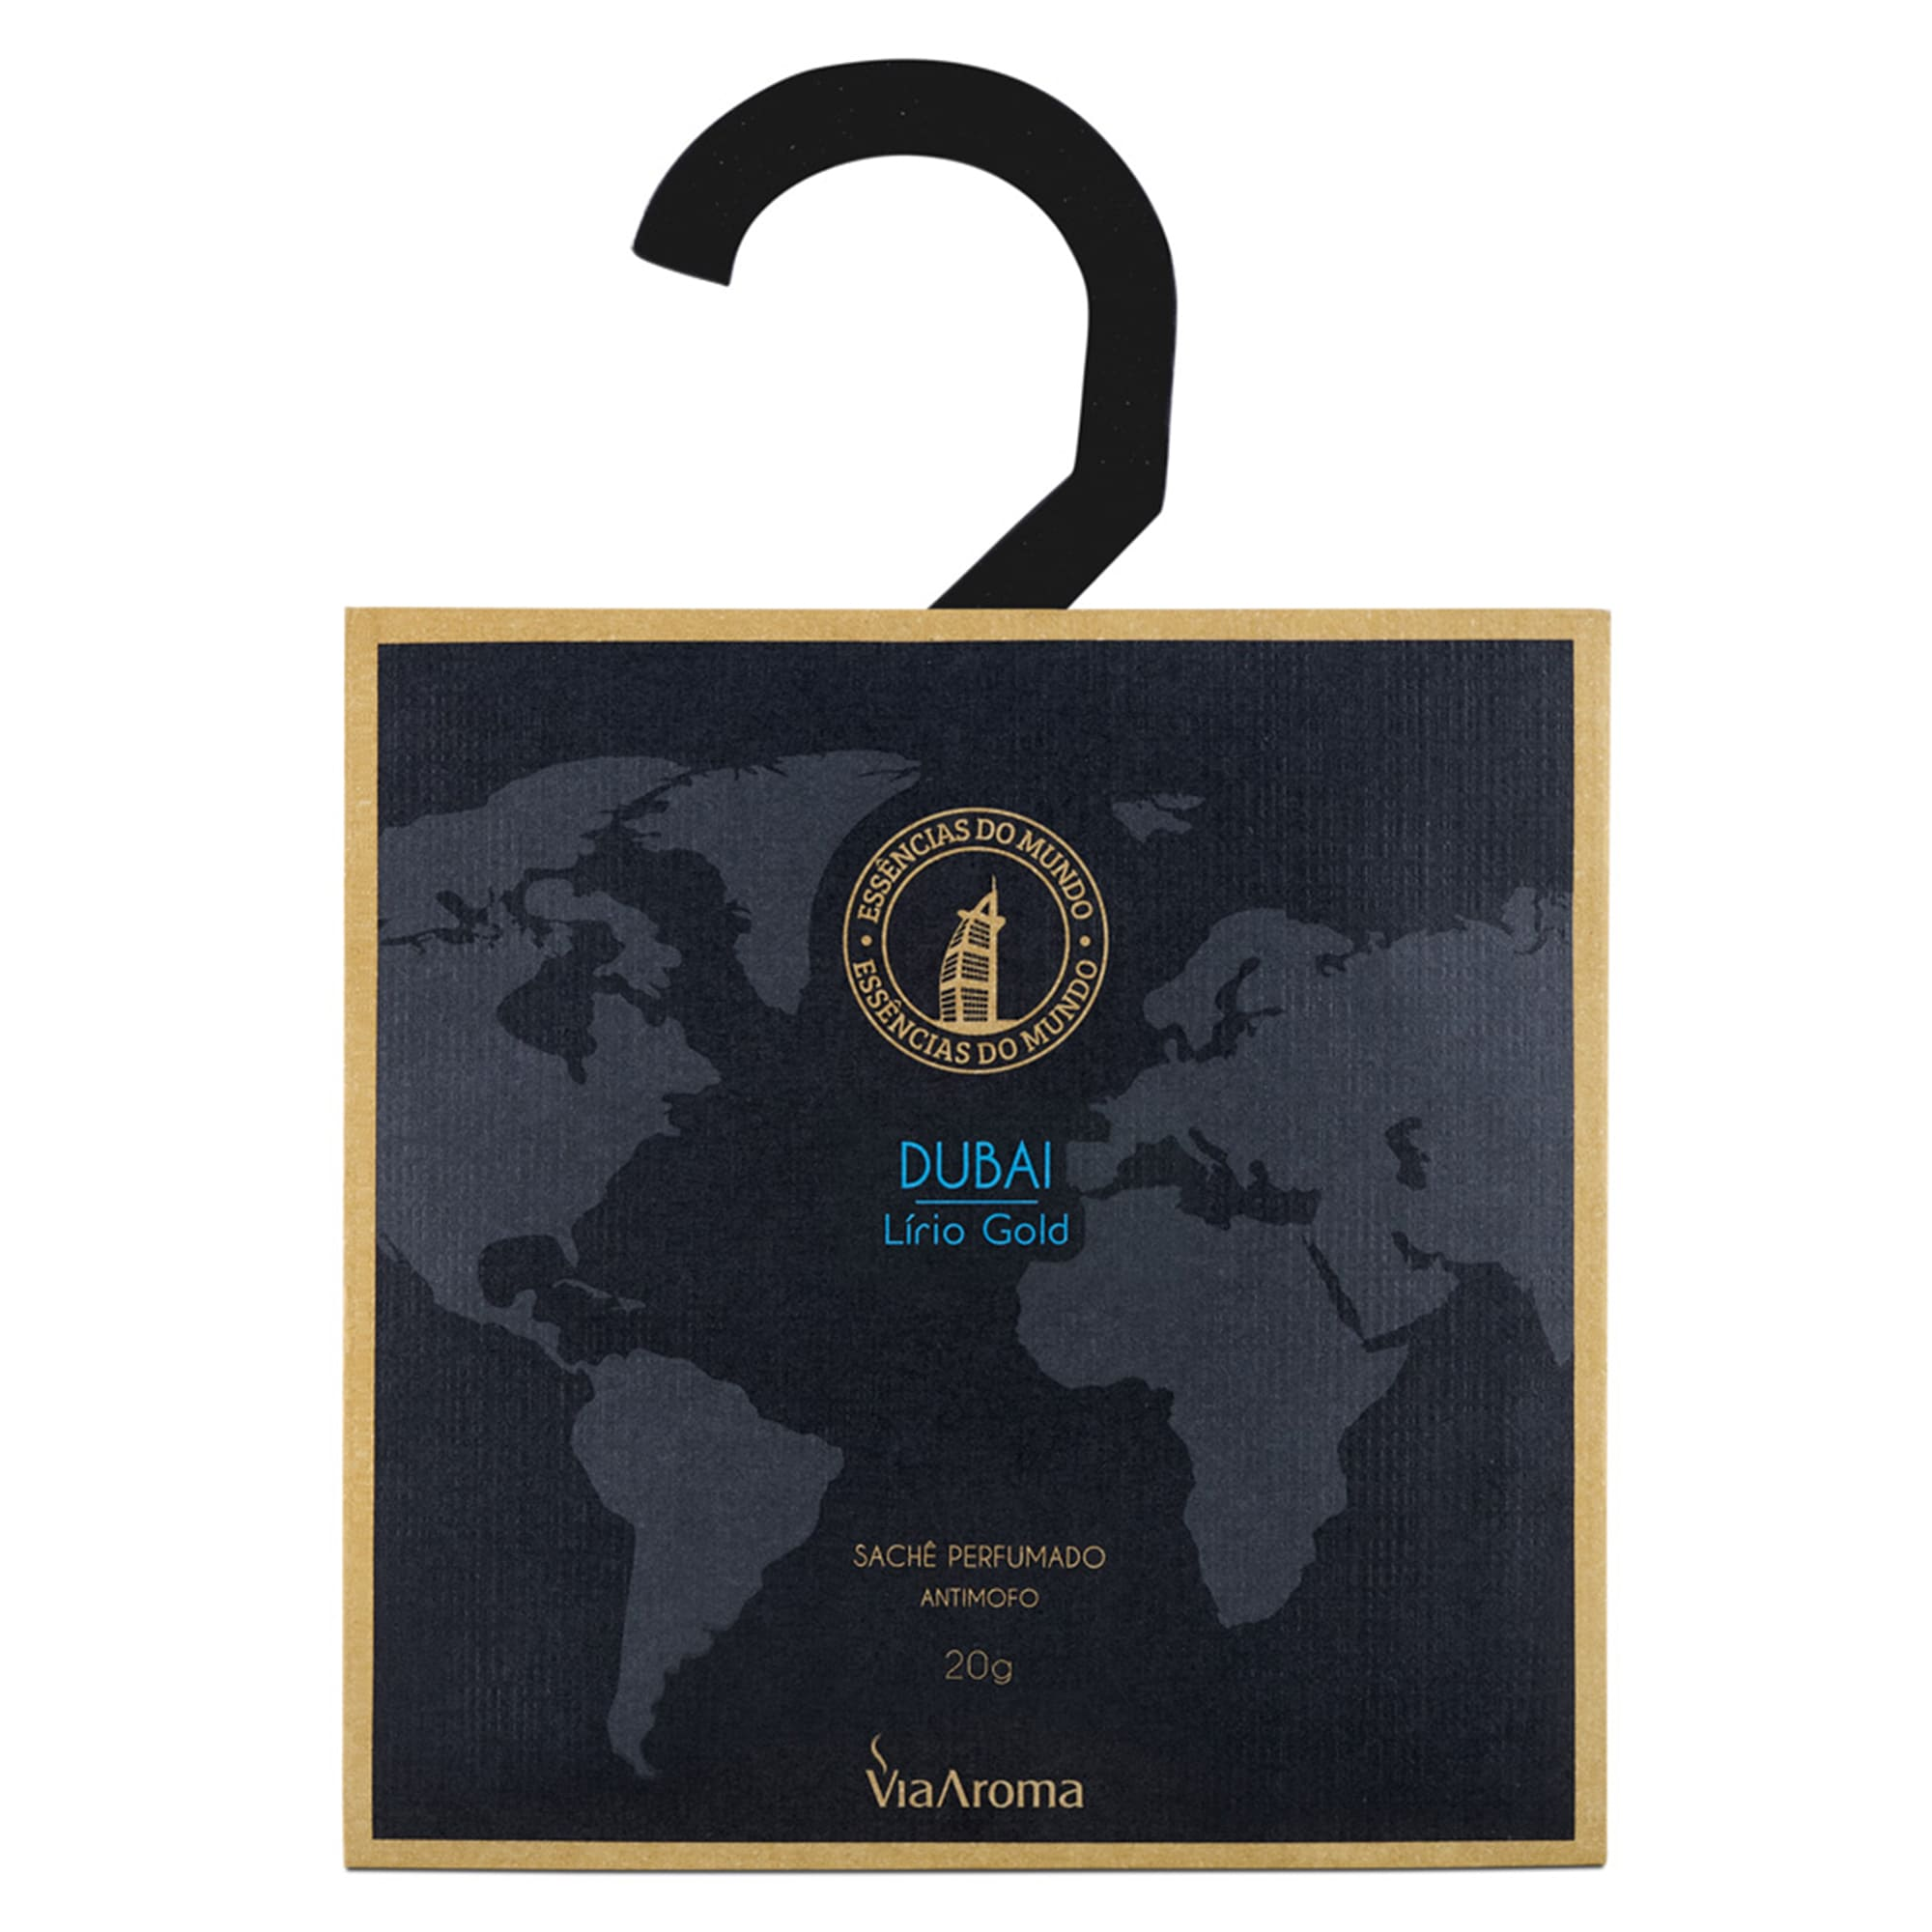 Sachê Perfumado 20g - Dubai, Lírio Gold